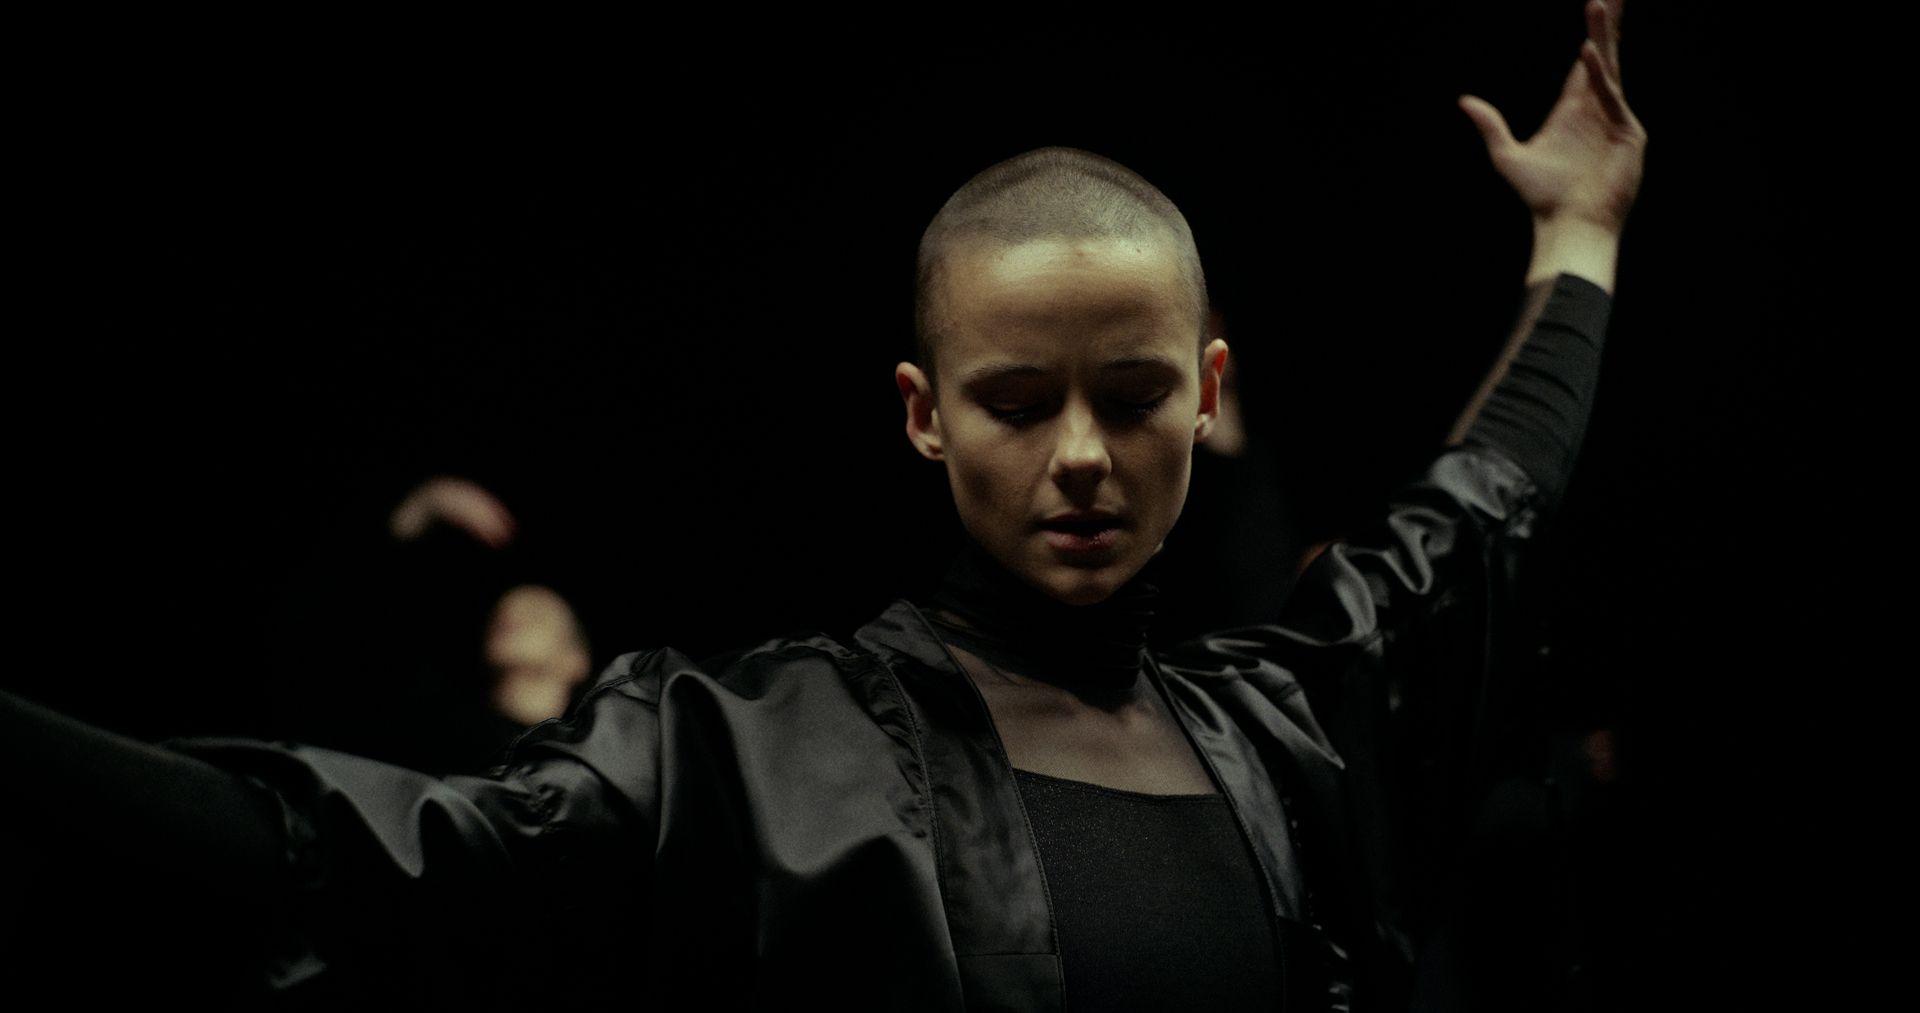 Vidéoclip de danseuse commençant sa performance avec un bras en l'air.